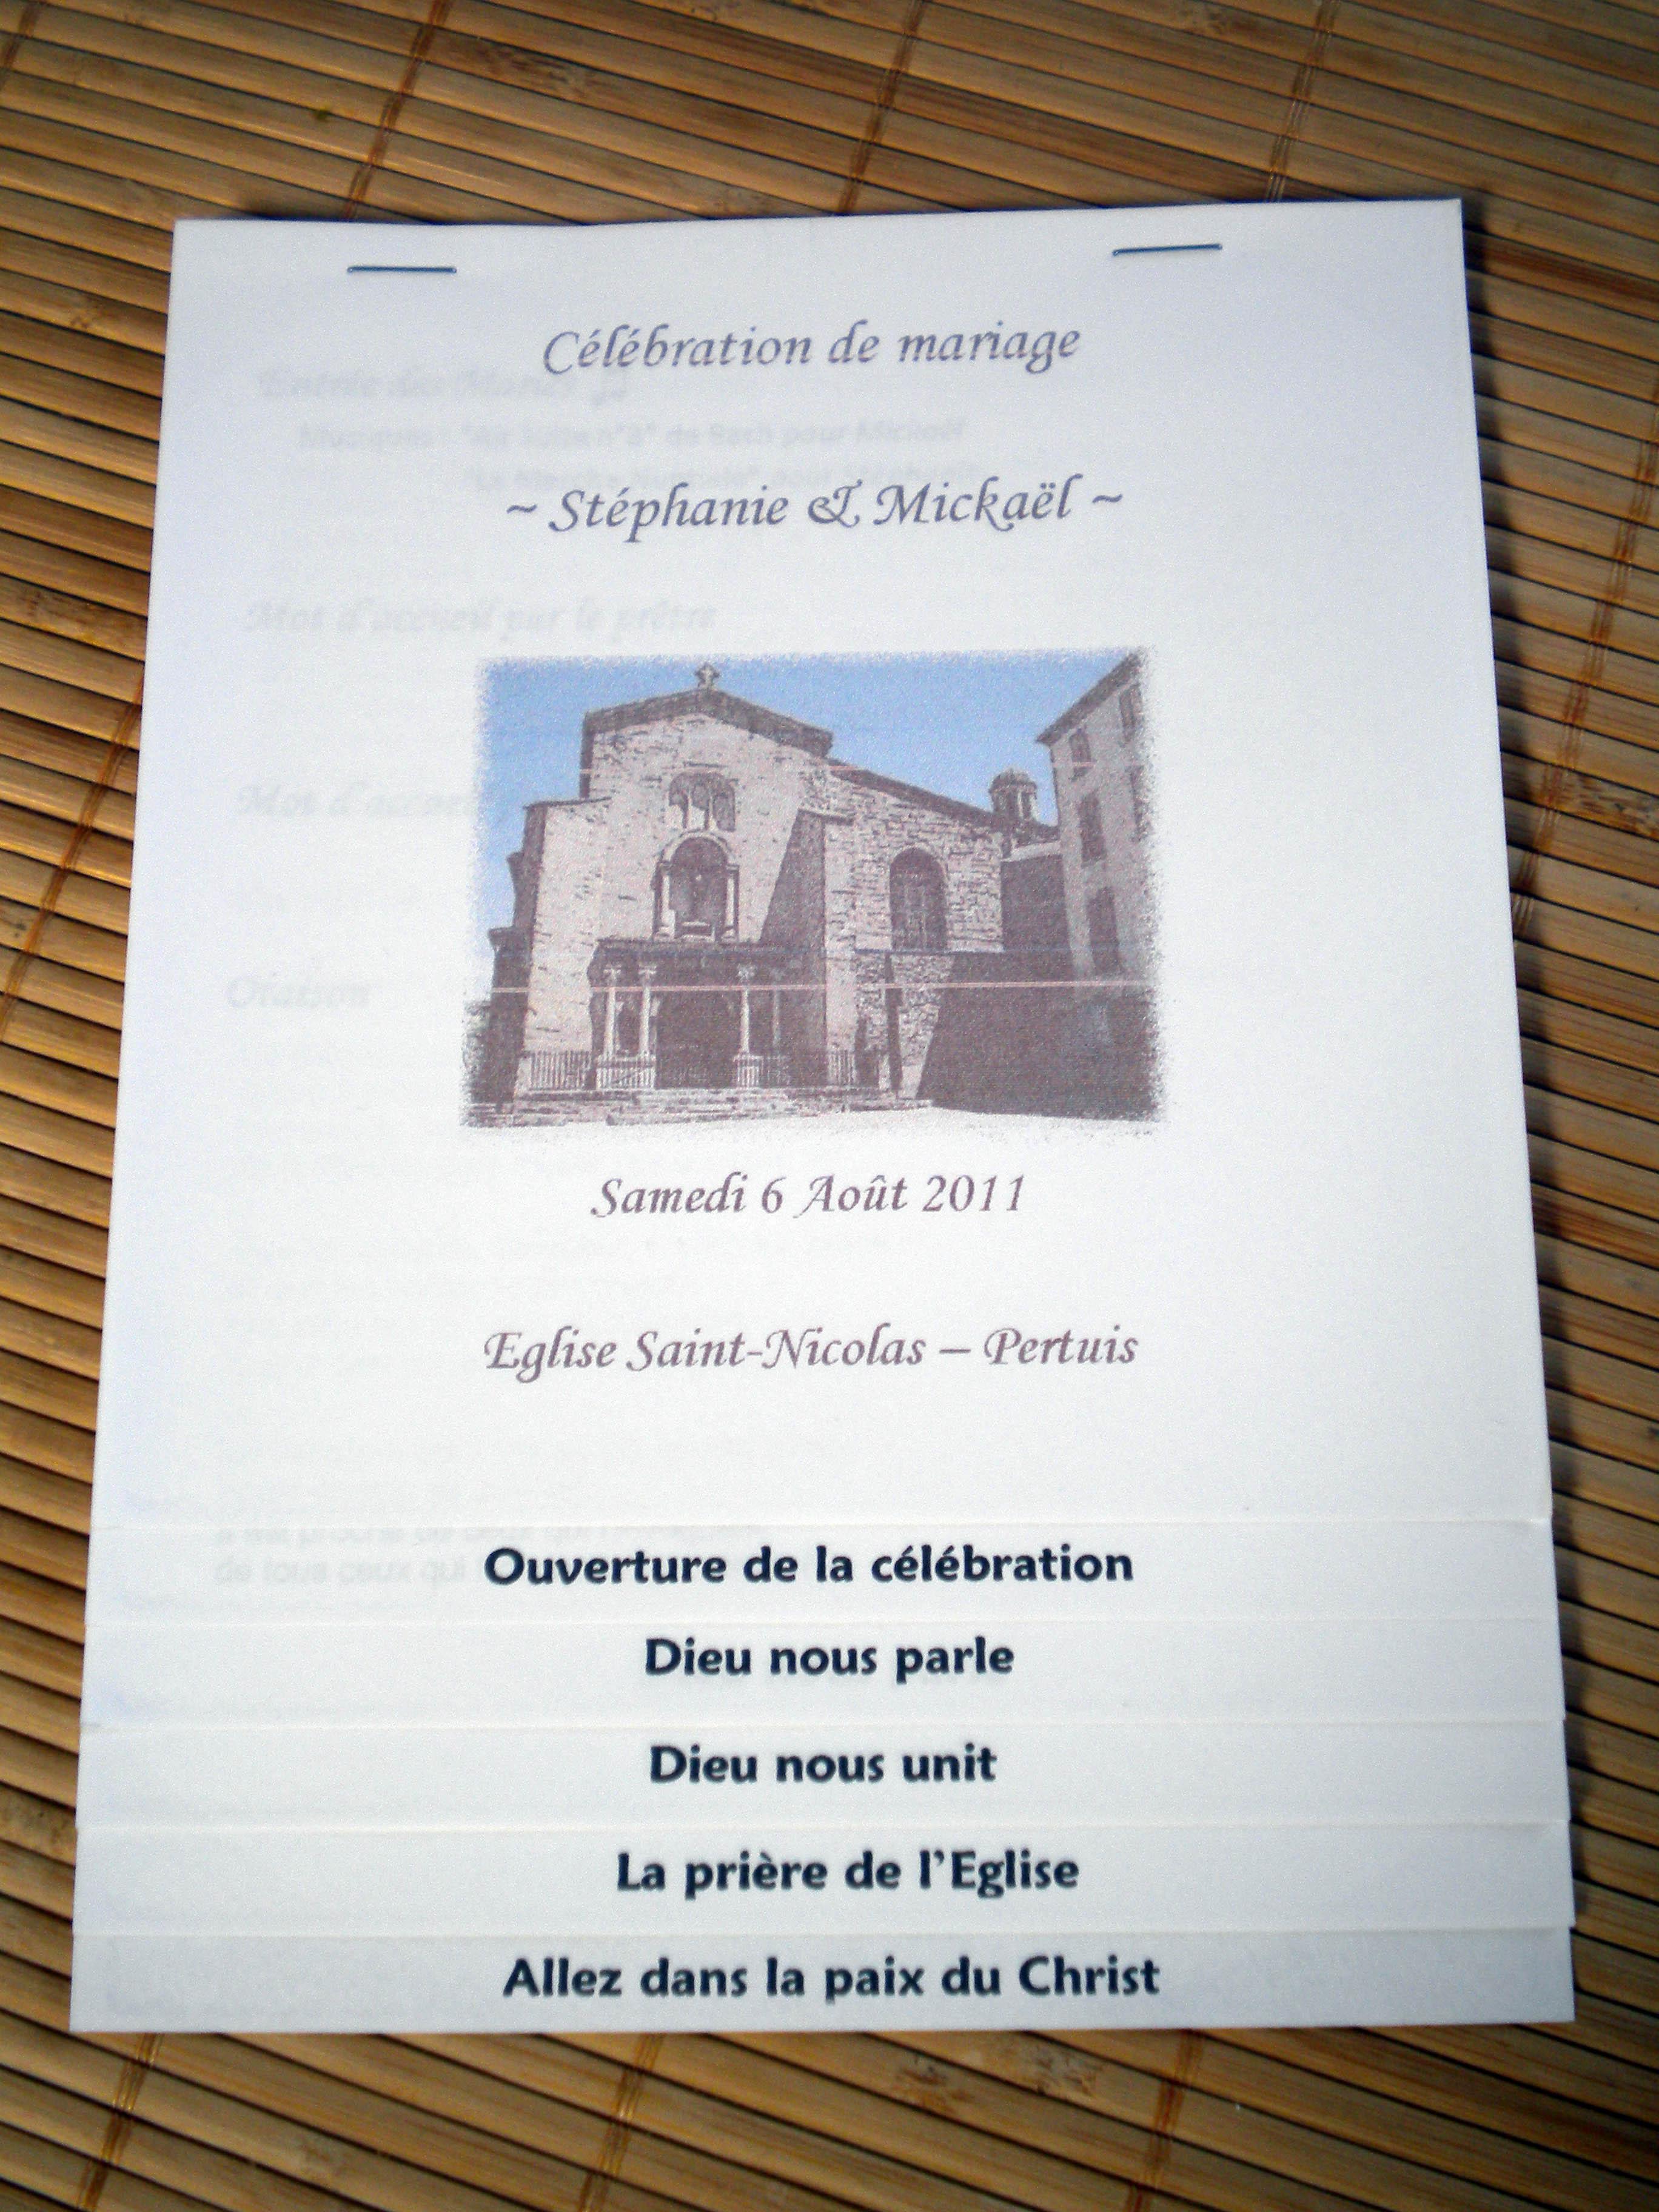 livret de messe essai - Exemple Livret De Messe Mariage